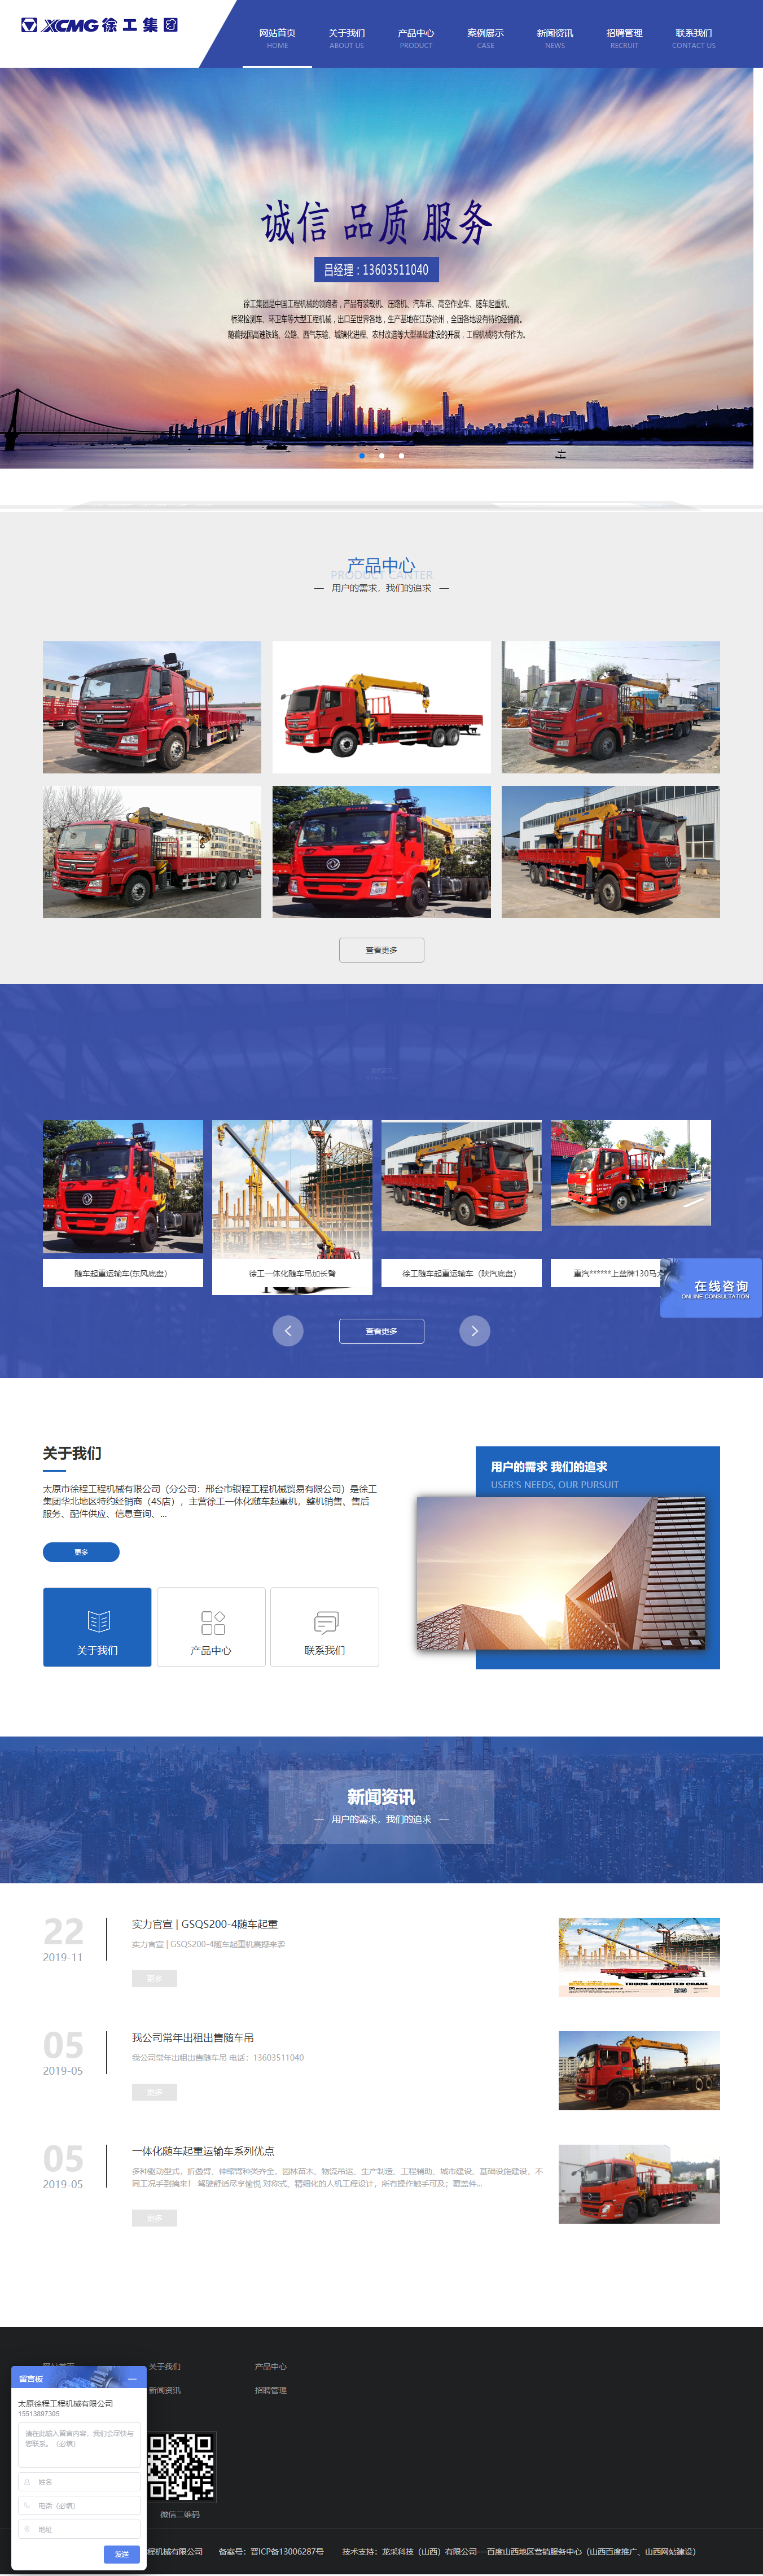 太原市徐程工程机械有限公司网站案例